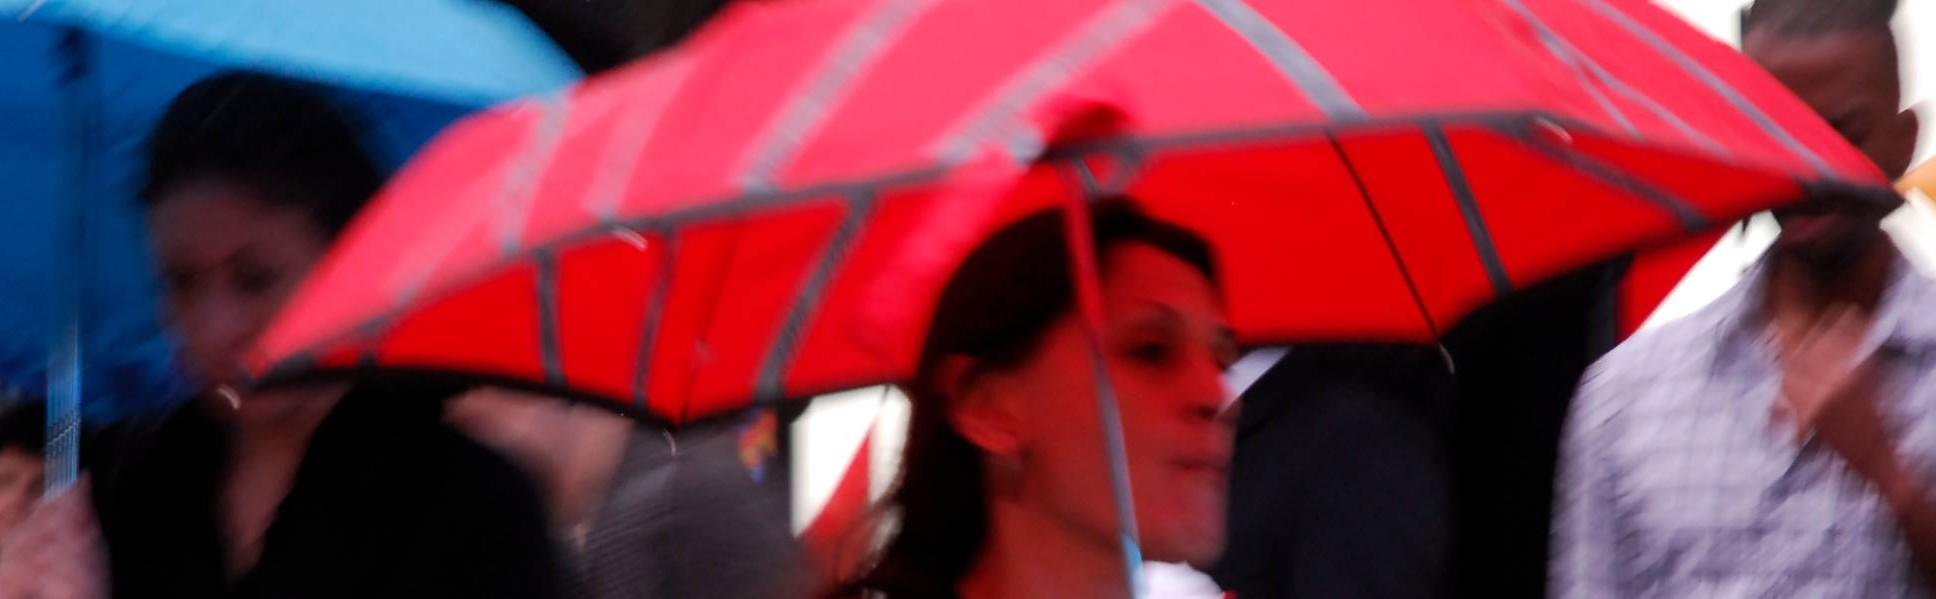 Una donna a New York con un ombrello cattura l'attenzione del fotografo